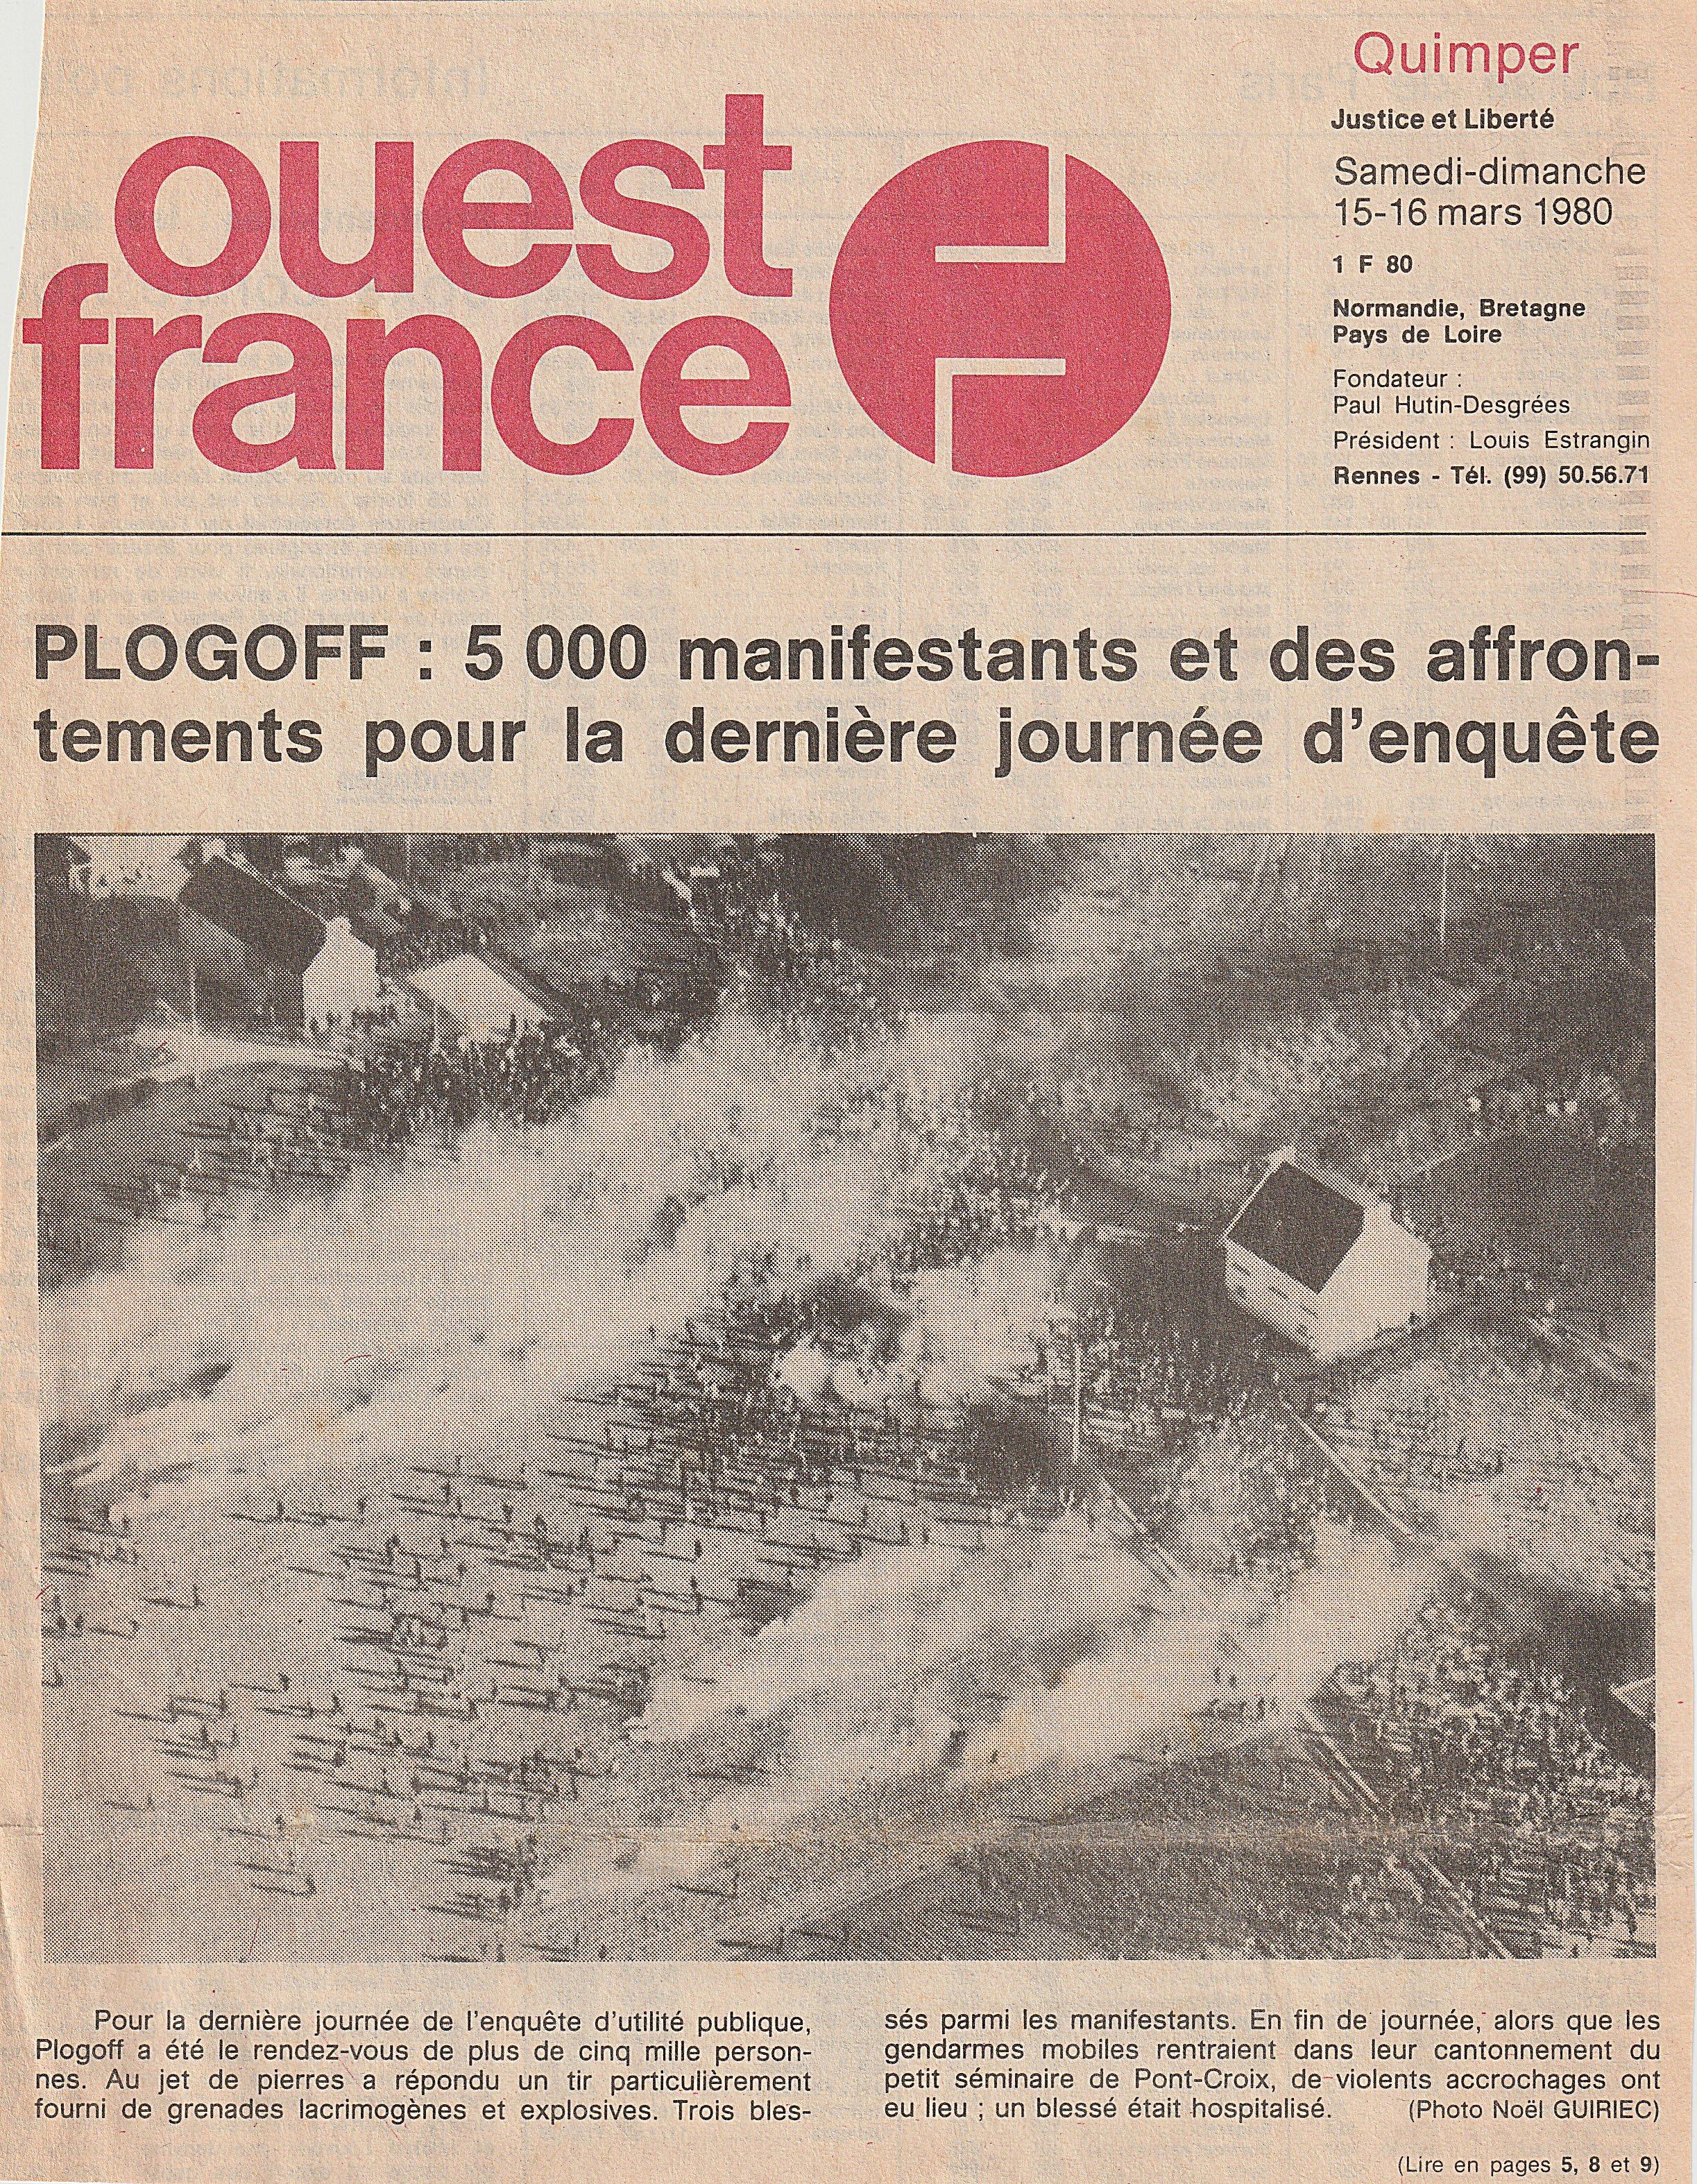 Enquête_Dernier_jour_d'enquête_14-03-80.